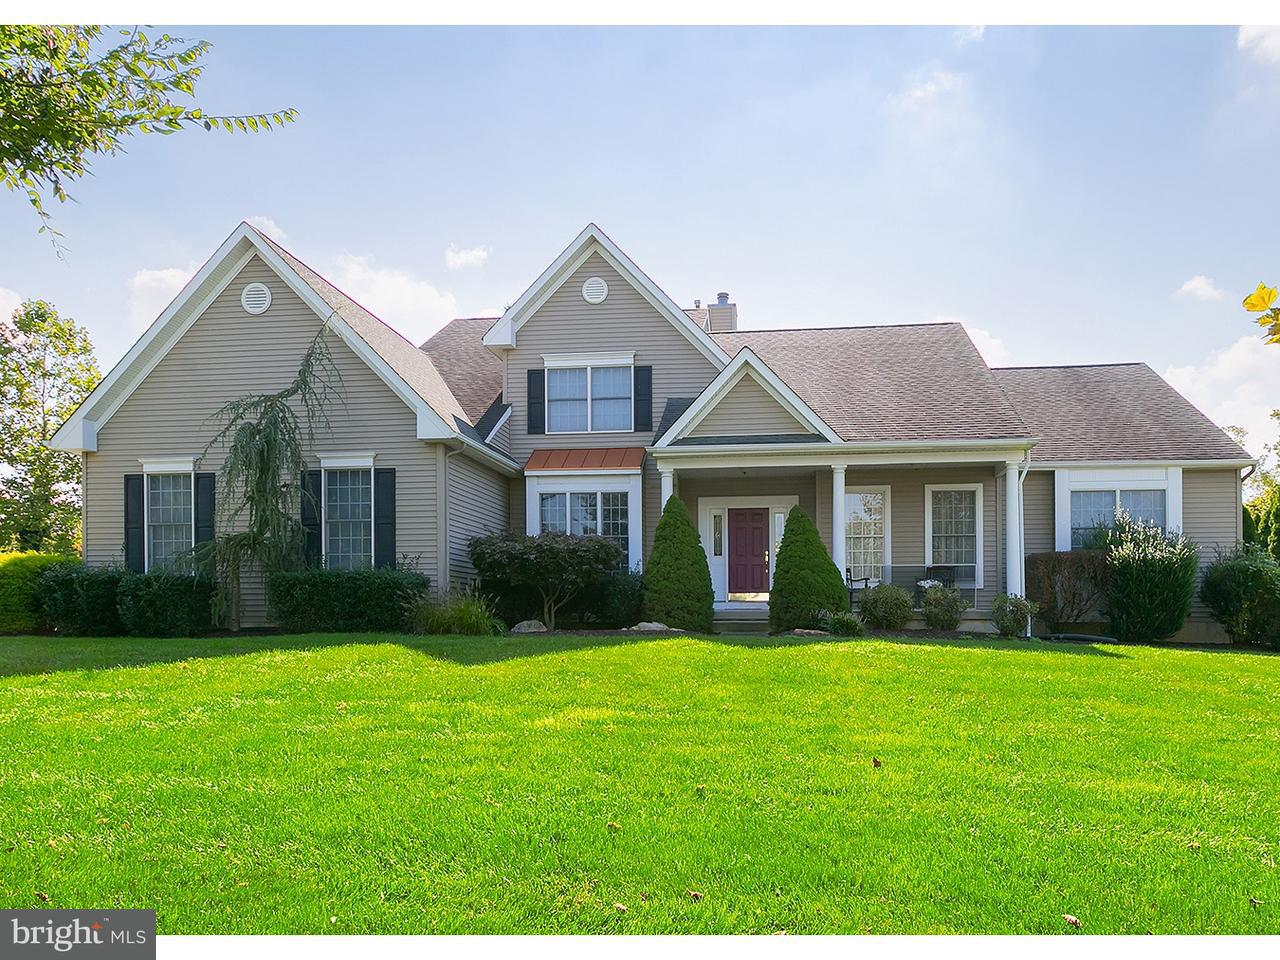 独户住宅 为 销售 在 500 VILLAGE Drive Mickleton, 新泽西州 08056 美国